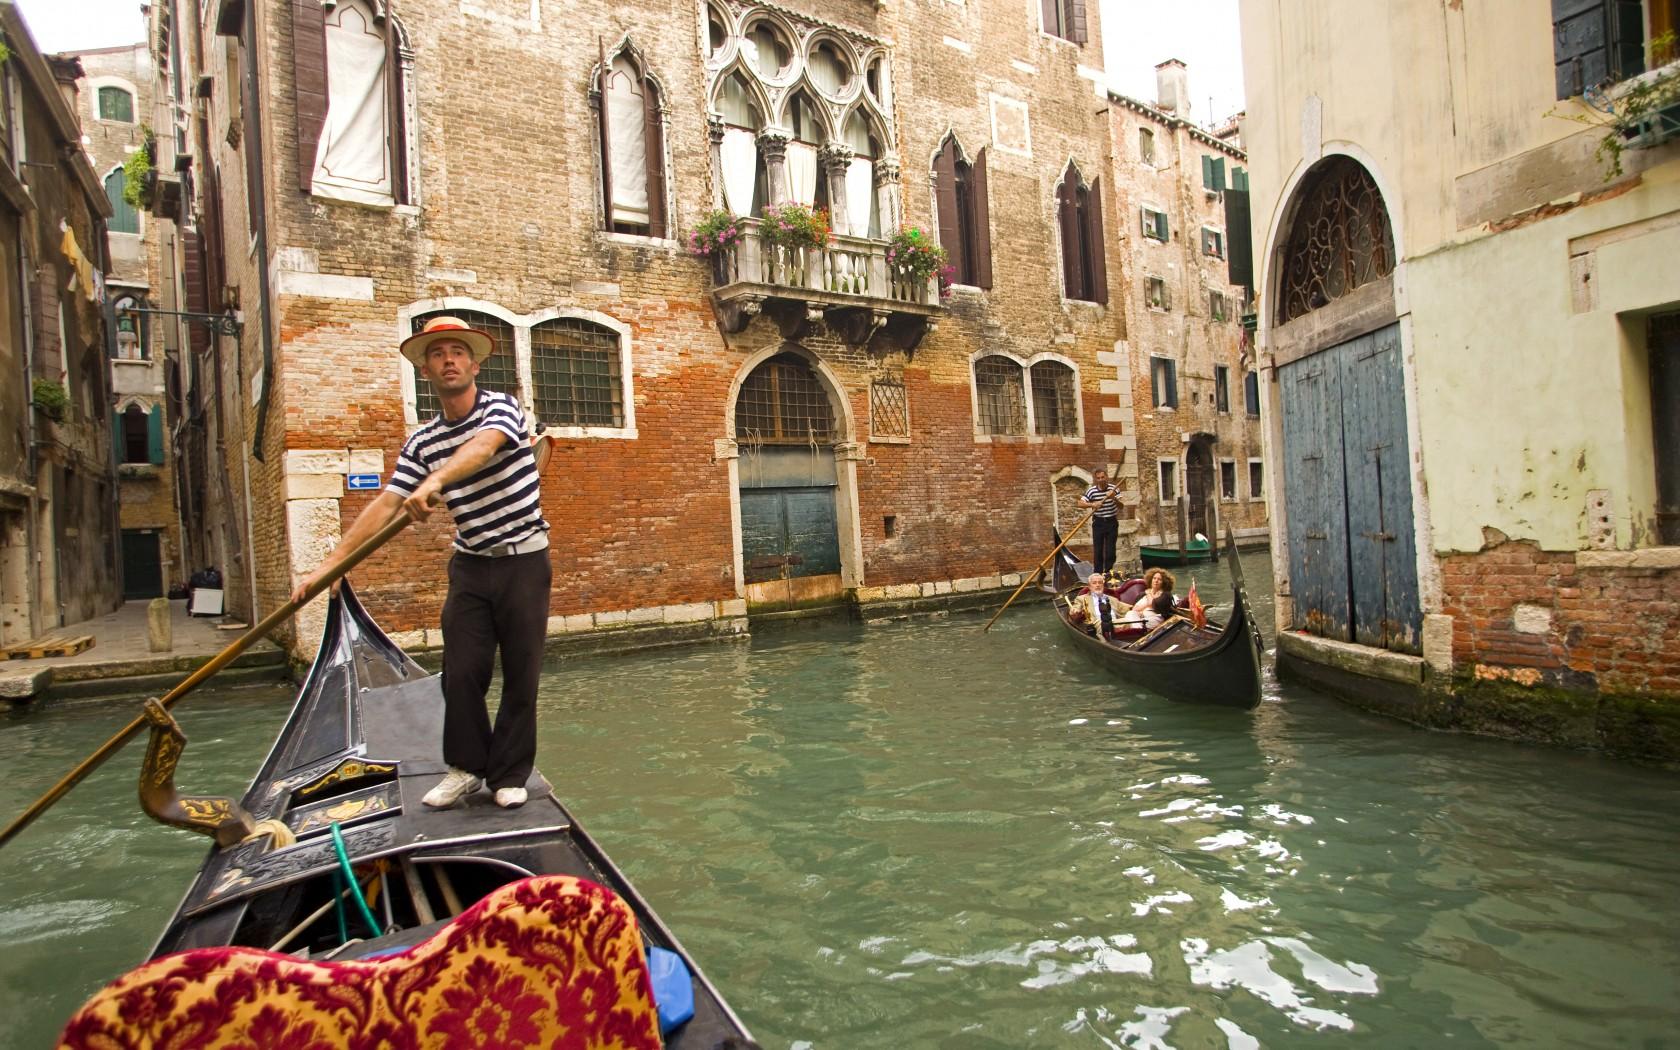 6_Venice_42-20240948-1-1680x1050